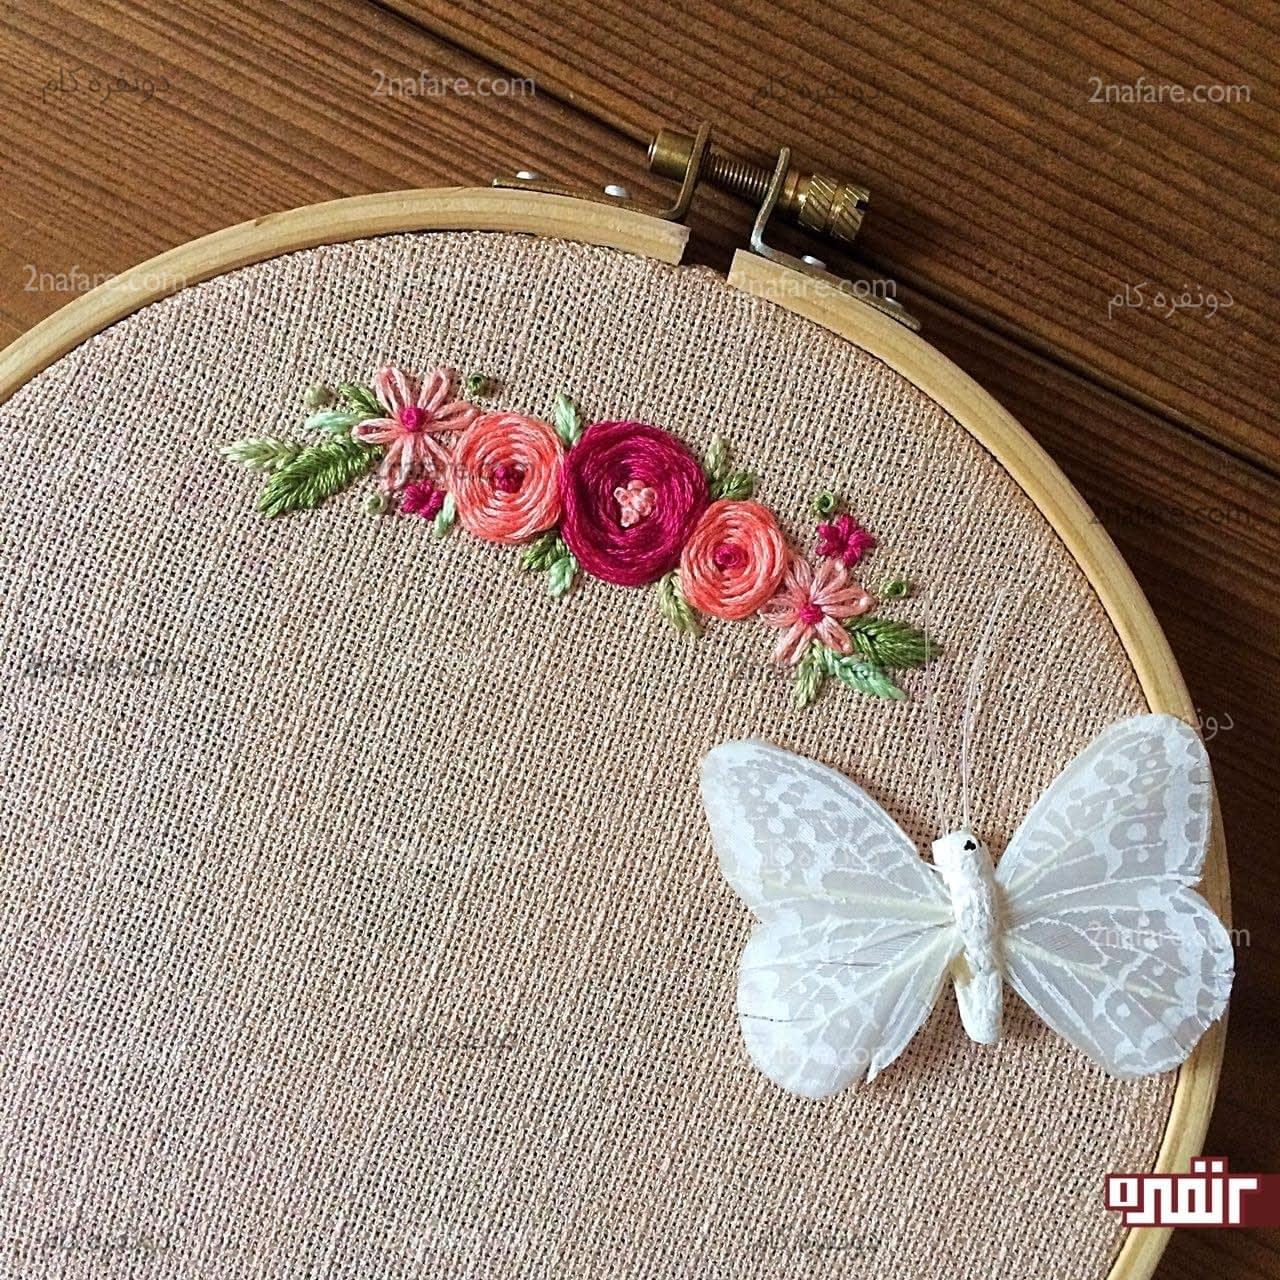 طرح گل نمدی طرح رومیزی آموزش مرحله به مرحه گلدوزی روی لباس طرح یاس و رز • دونفره